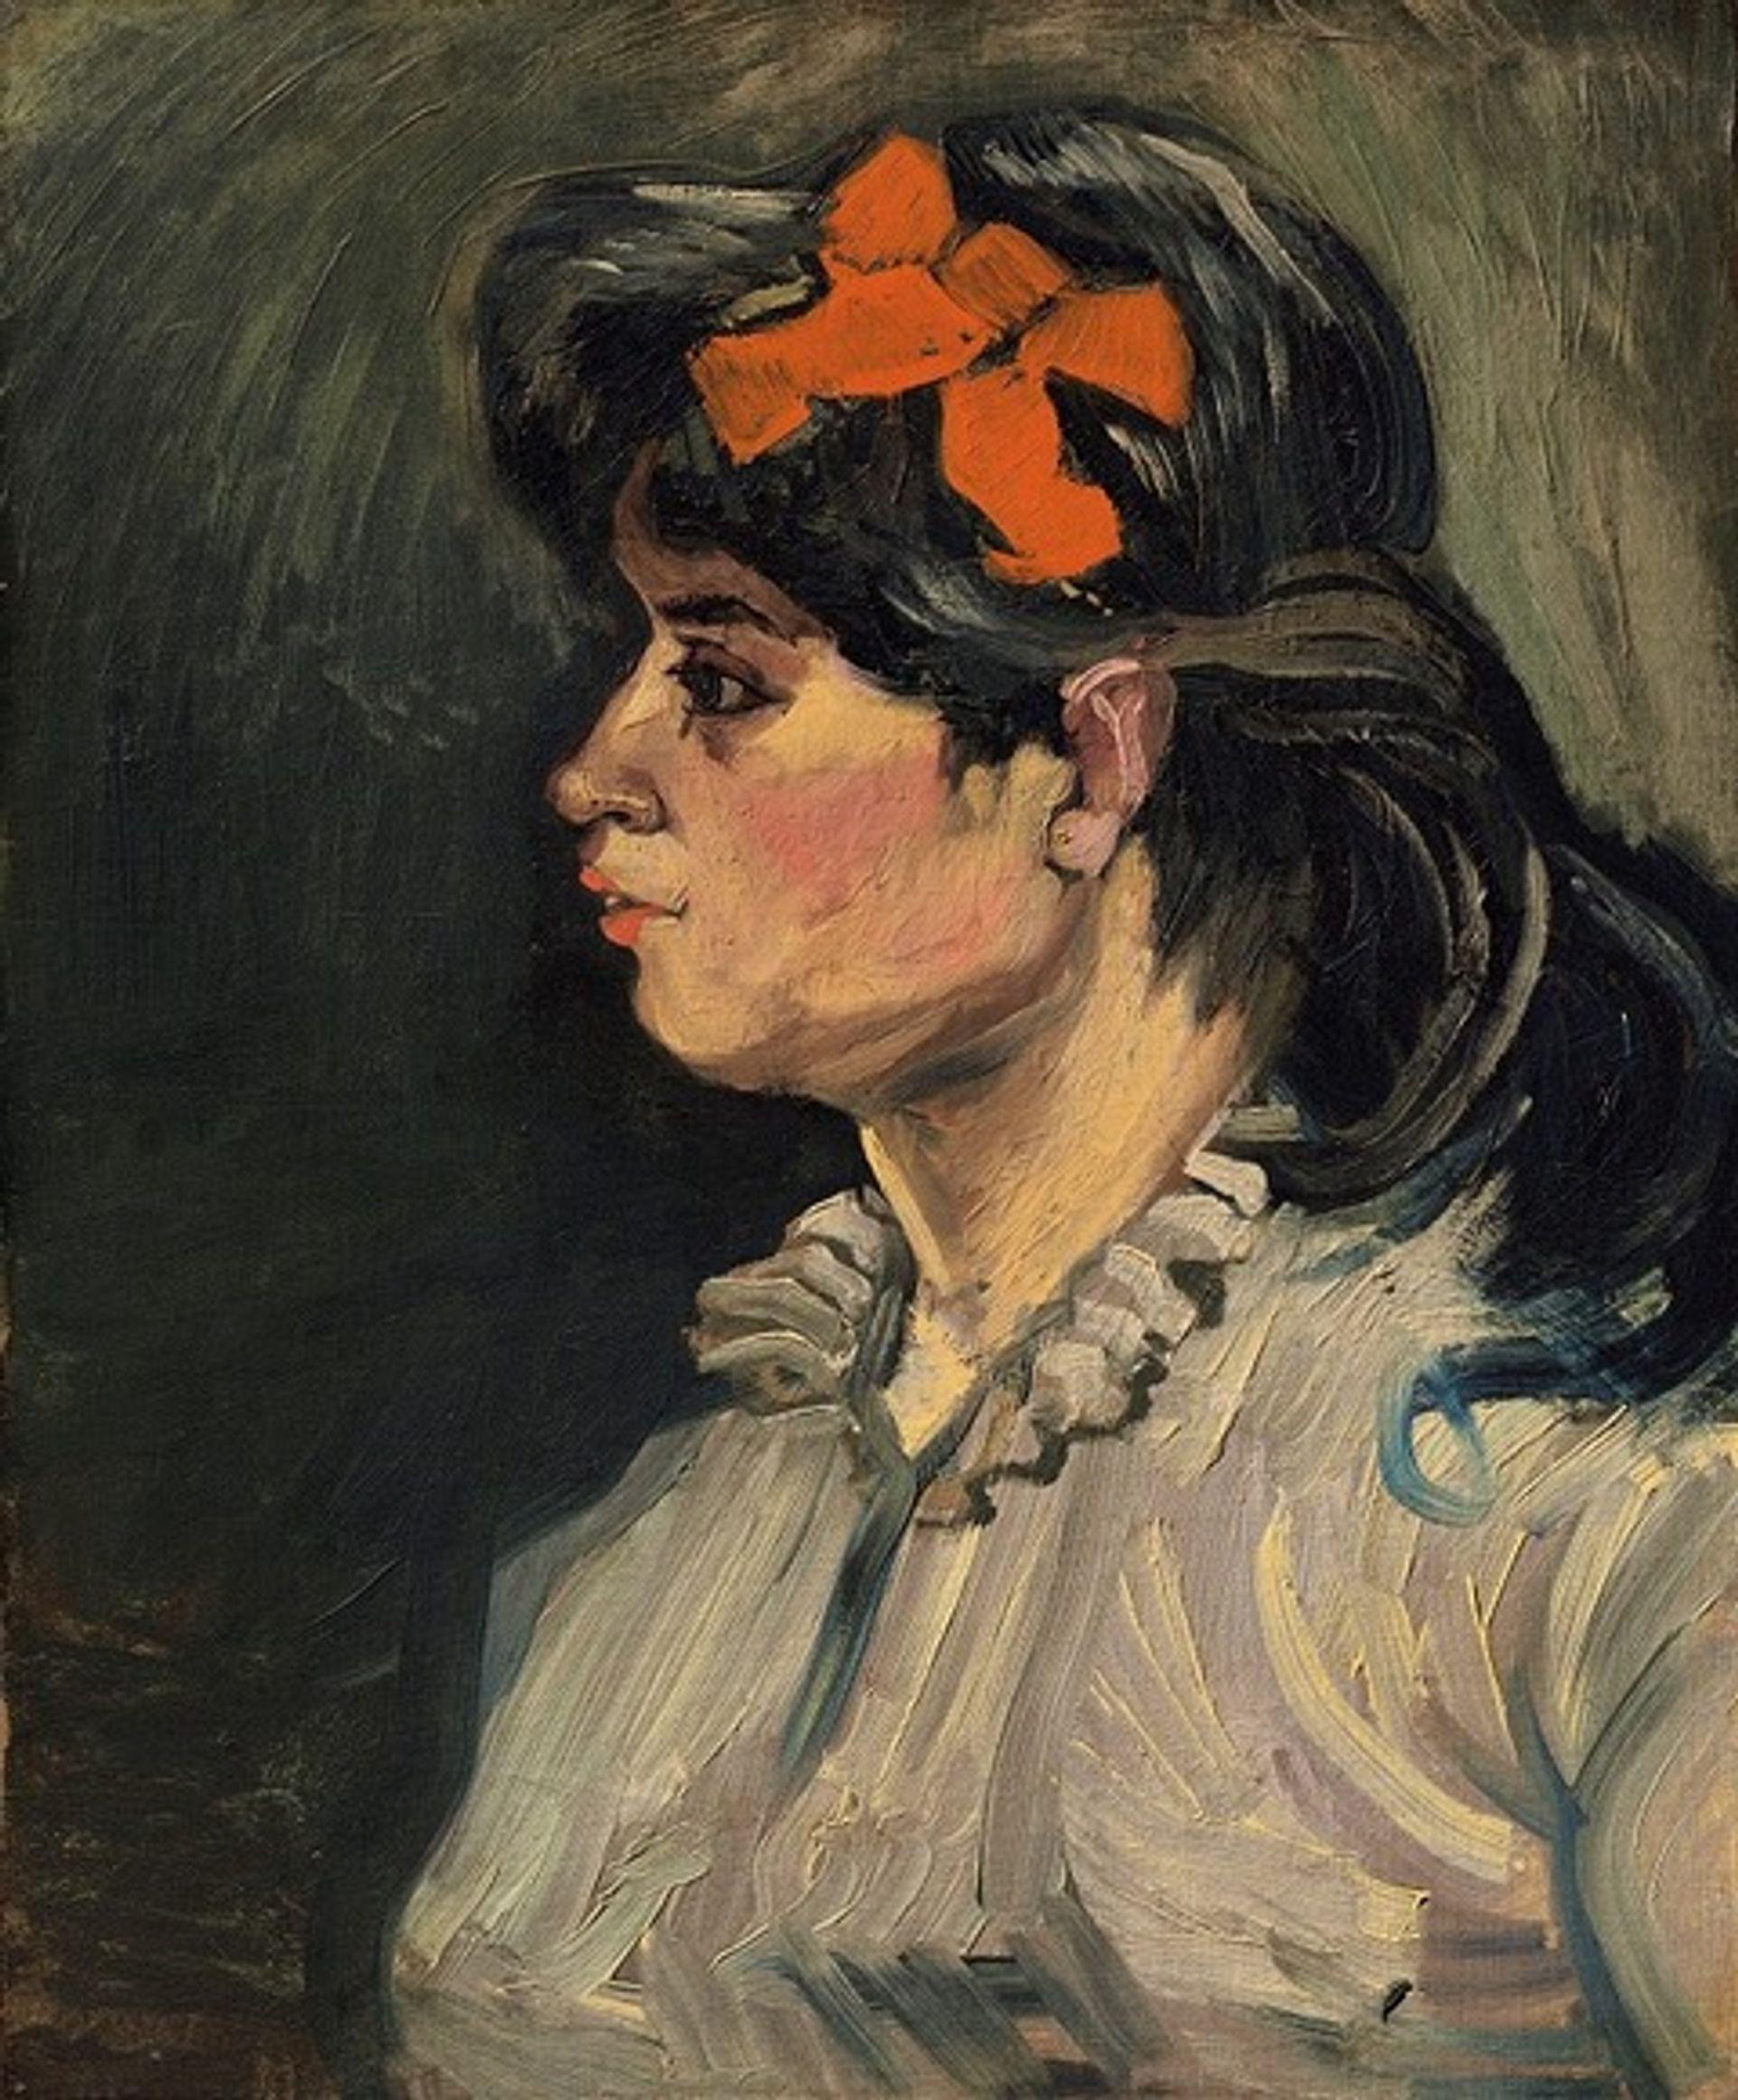 Vincent van Gogh, Portrait de femme: buste, profil gauche, (December 1885-January 1886) © Christie's Images Limited 2018